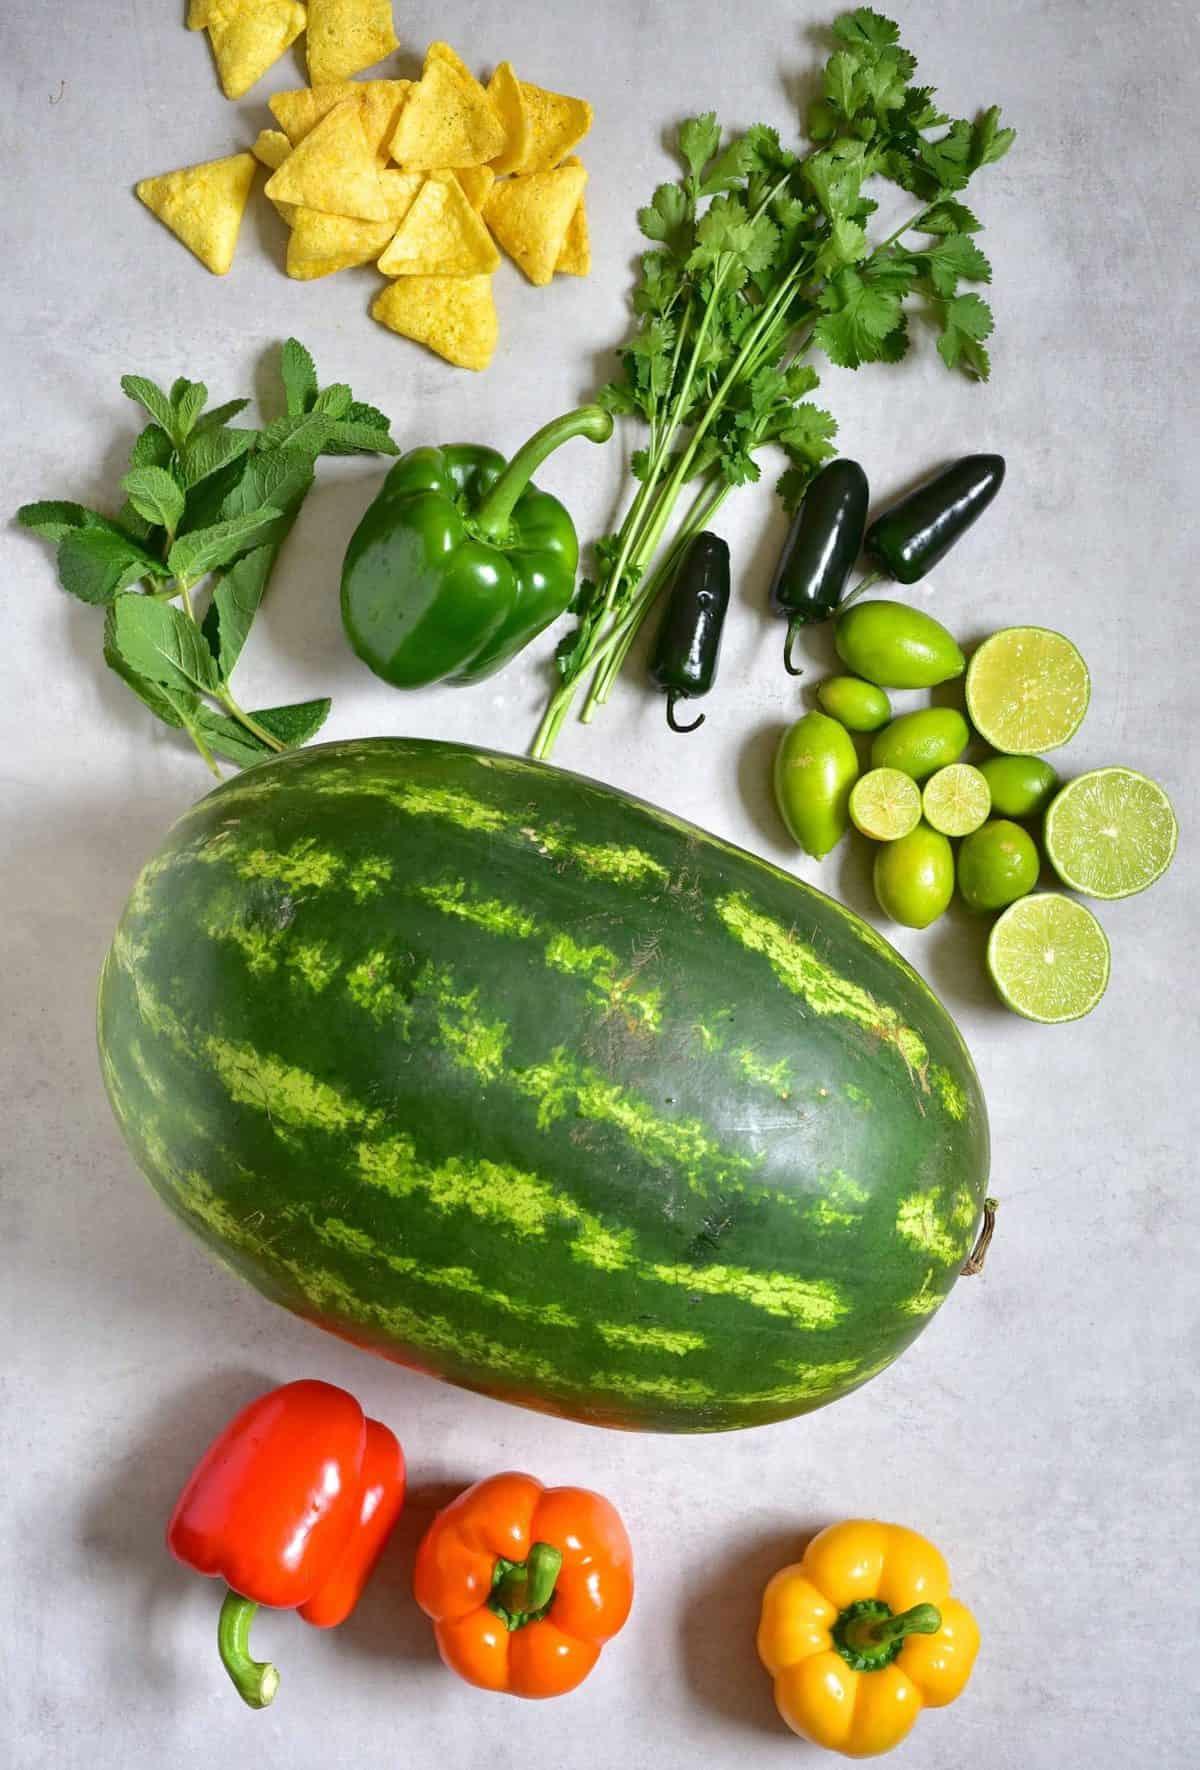 Watermelon salsa - ingredients